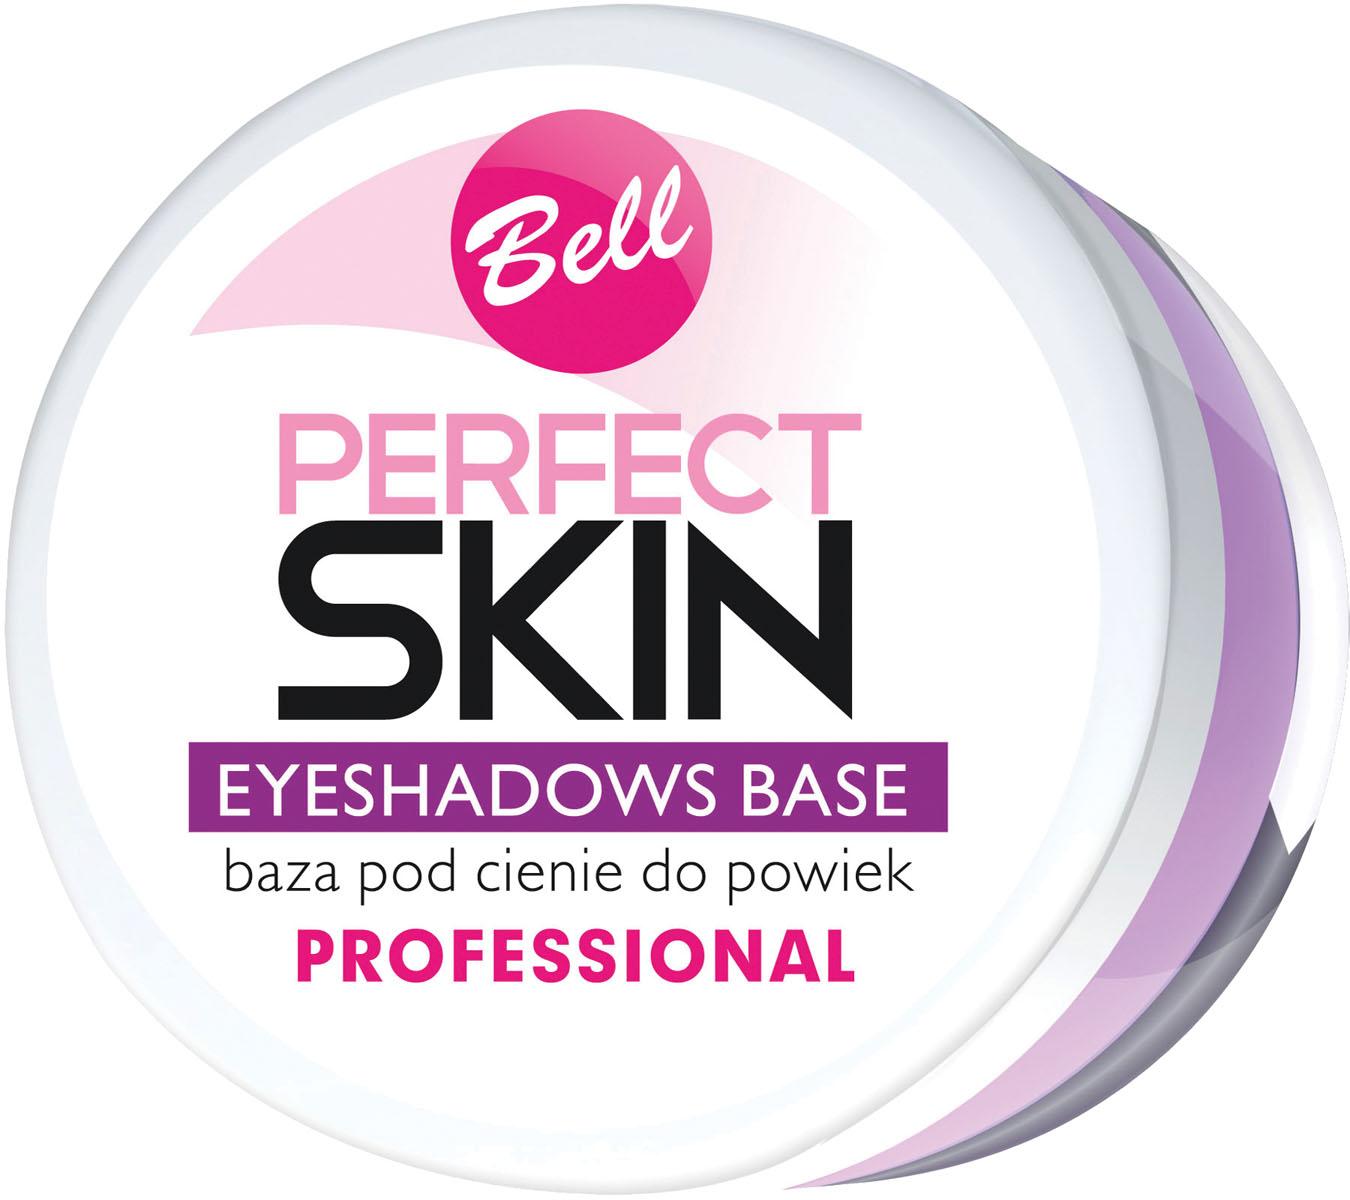 Bell База под тени для век Perfect Skin Eyeshadow Base Тон 20, 4 грBfbcPS020Основа наносится на веки перед нанесением теней, делает цвет более насыщенным и продлевает стойкость макияжа. Предотвращает осыпание теней и их скопление в складках век. Содержит UVB фильтр. Для обеспечения стойкого макияжа глаз. Особенности состава: Продлевает стойкость макияжа Способ применения: Нанесите небольшое количество основы, нежно распределите по всему веку, начиная от линии ресниц. Дождаться высыхания основы, а затем сделать макияж.